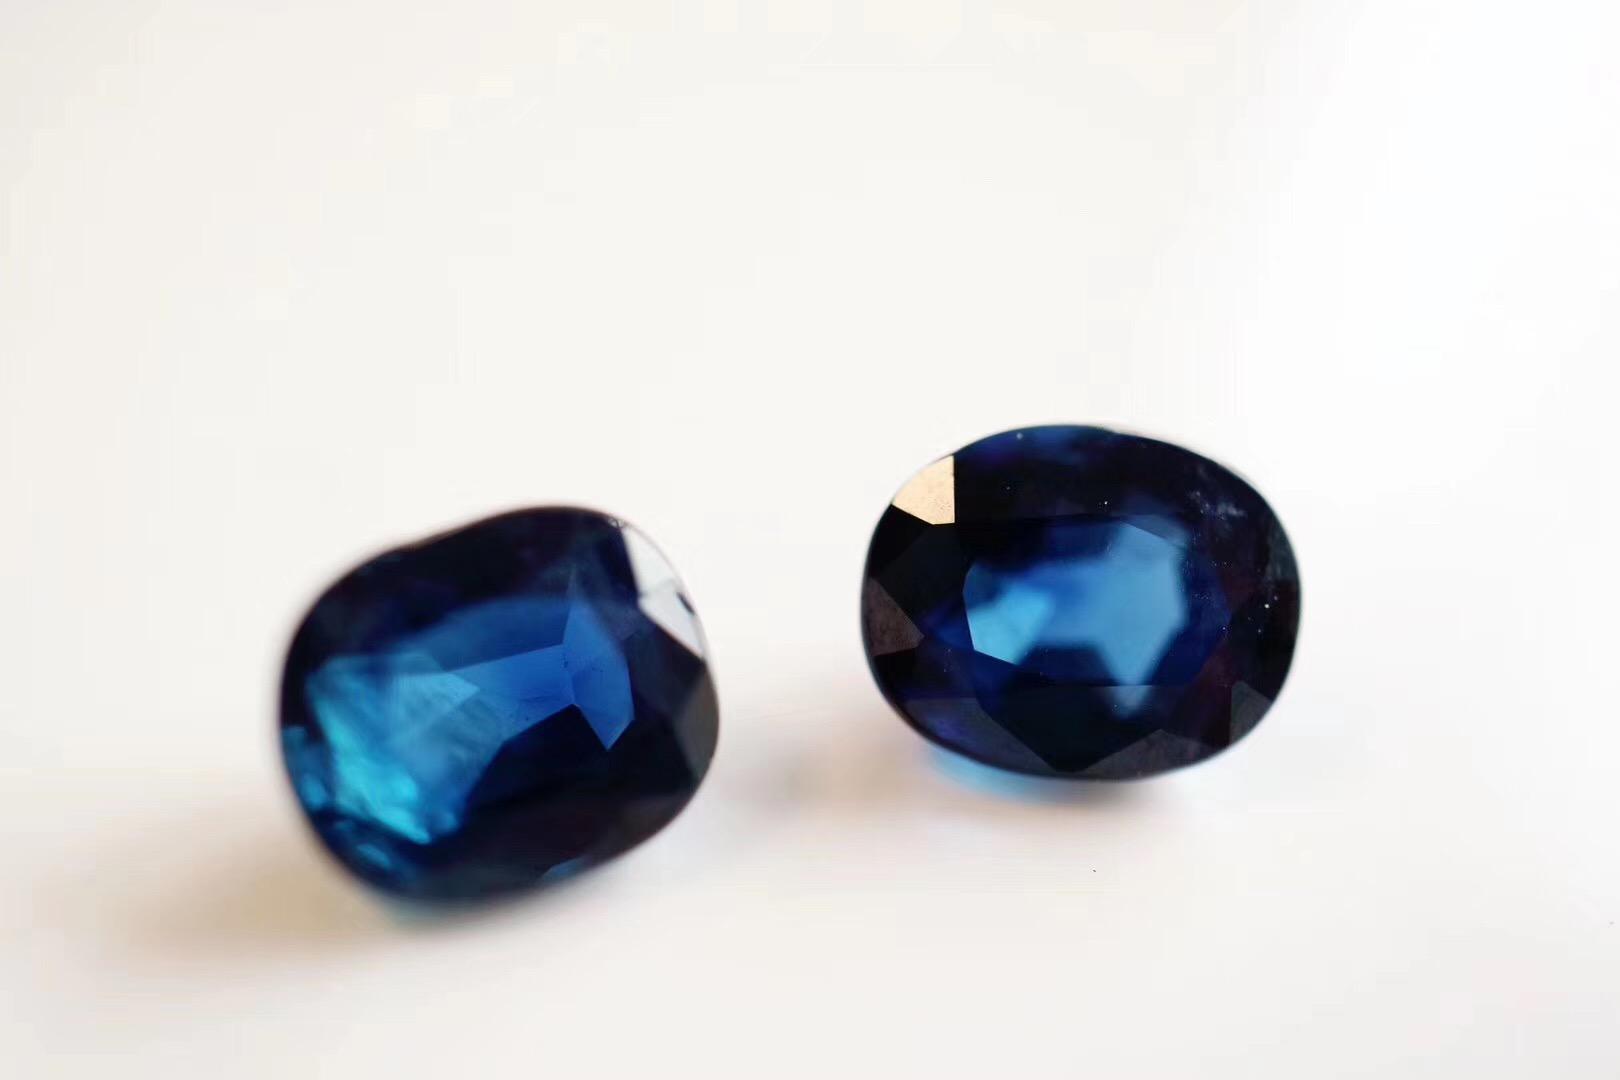 【蓝宝石】王室贵族最钟爱戴妃款-菩心晶舍